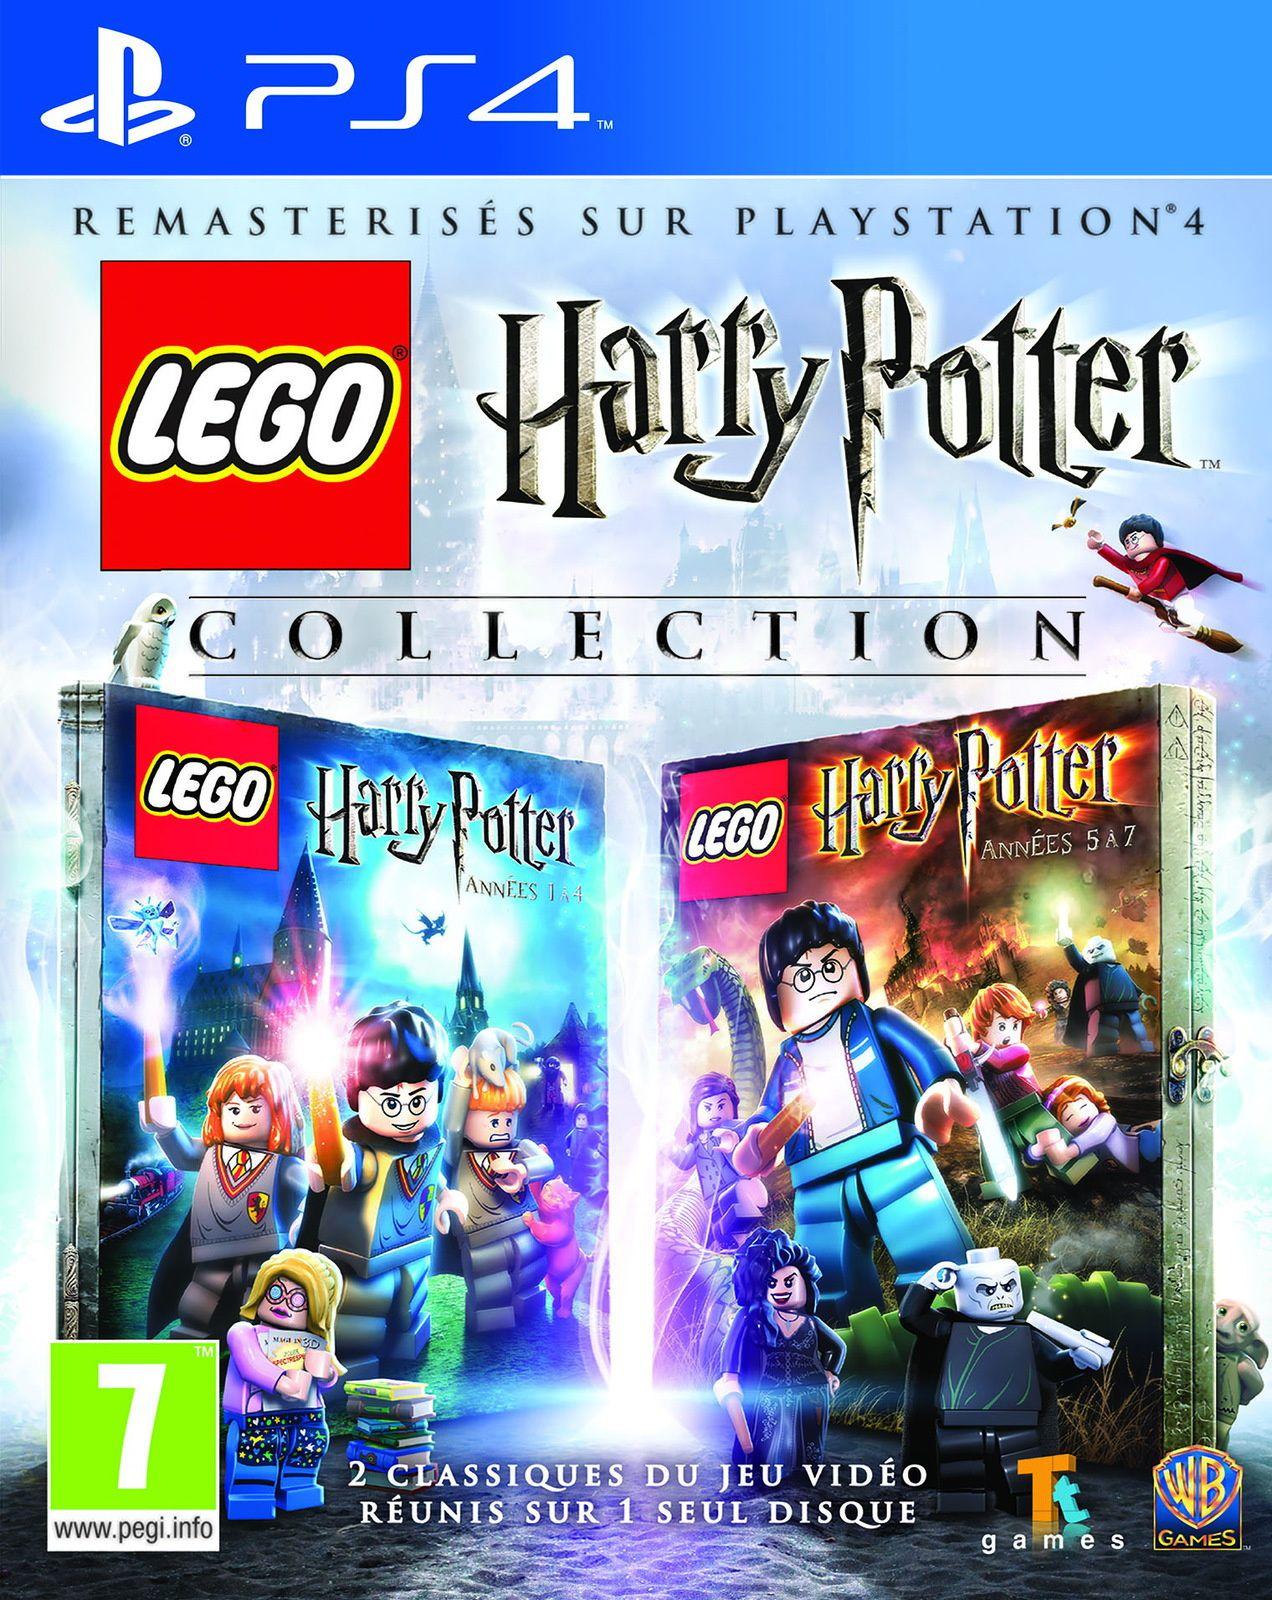 TEST de LEGO HARRY POTTER COLLECTION (sur PS4): Copies conformes